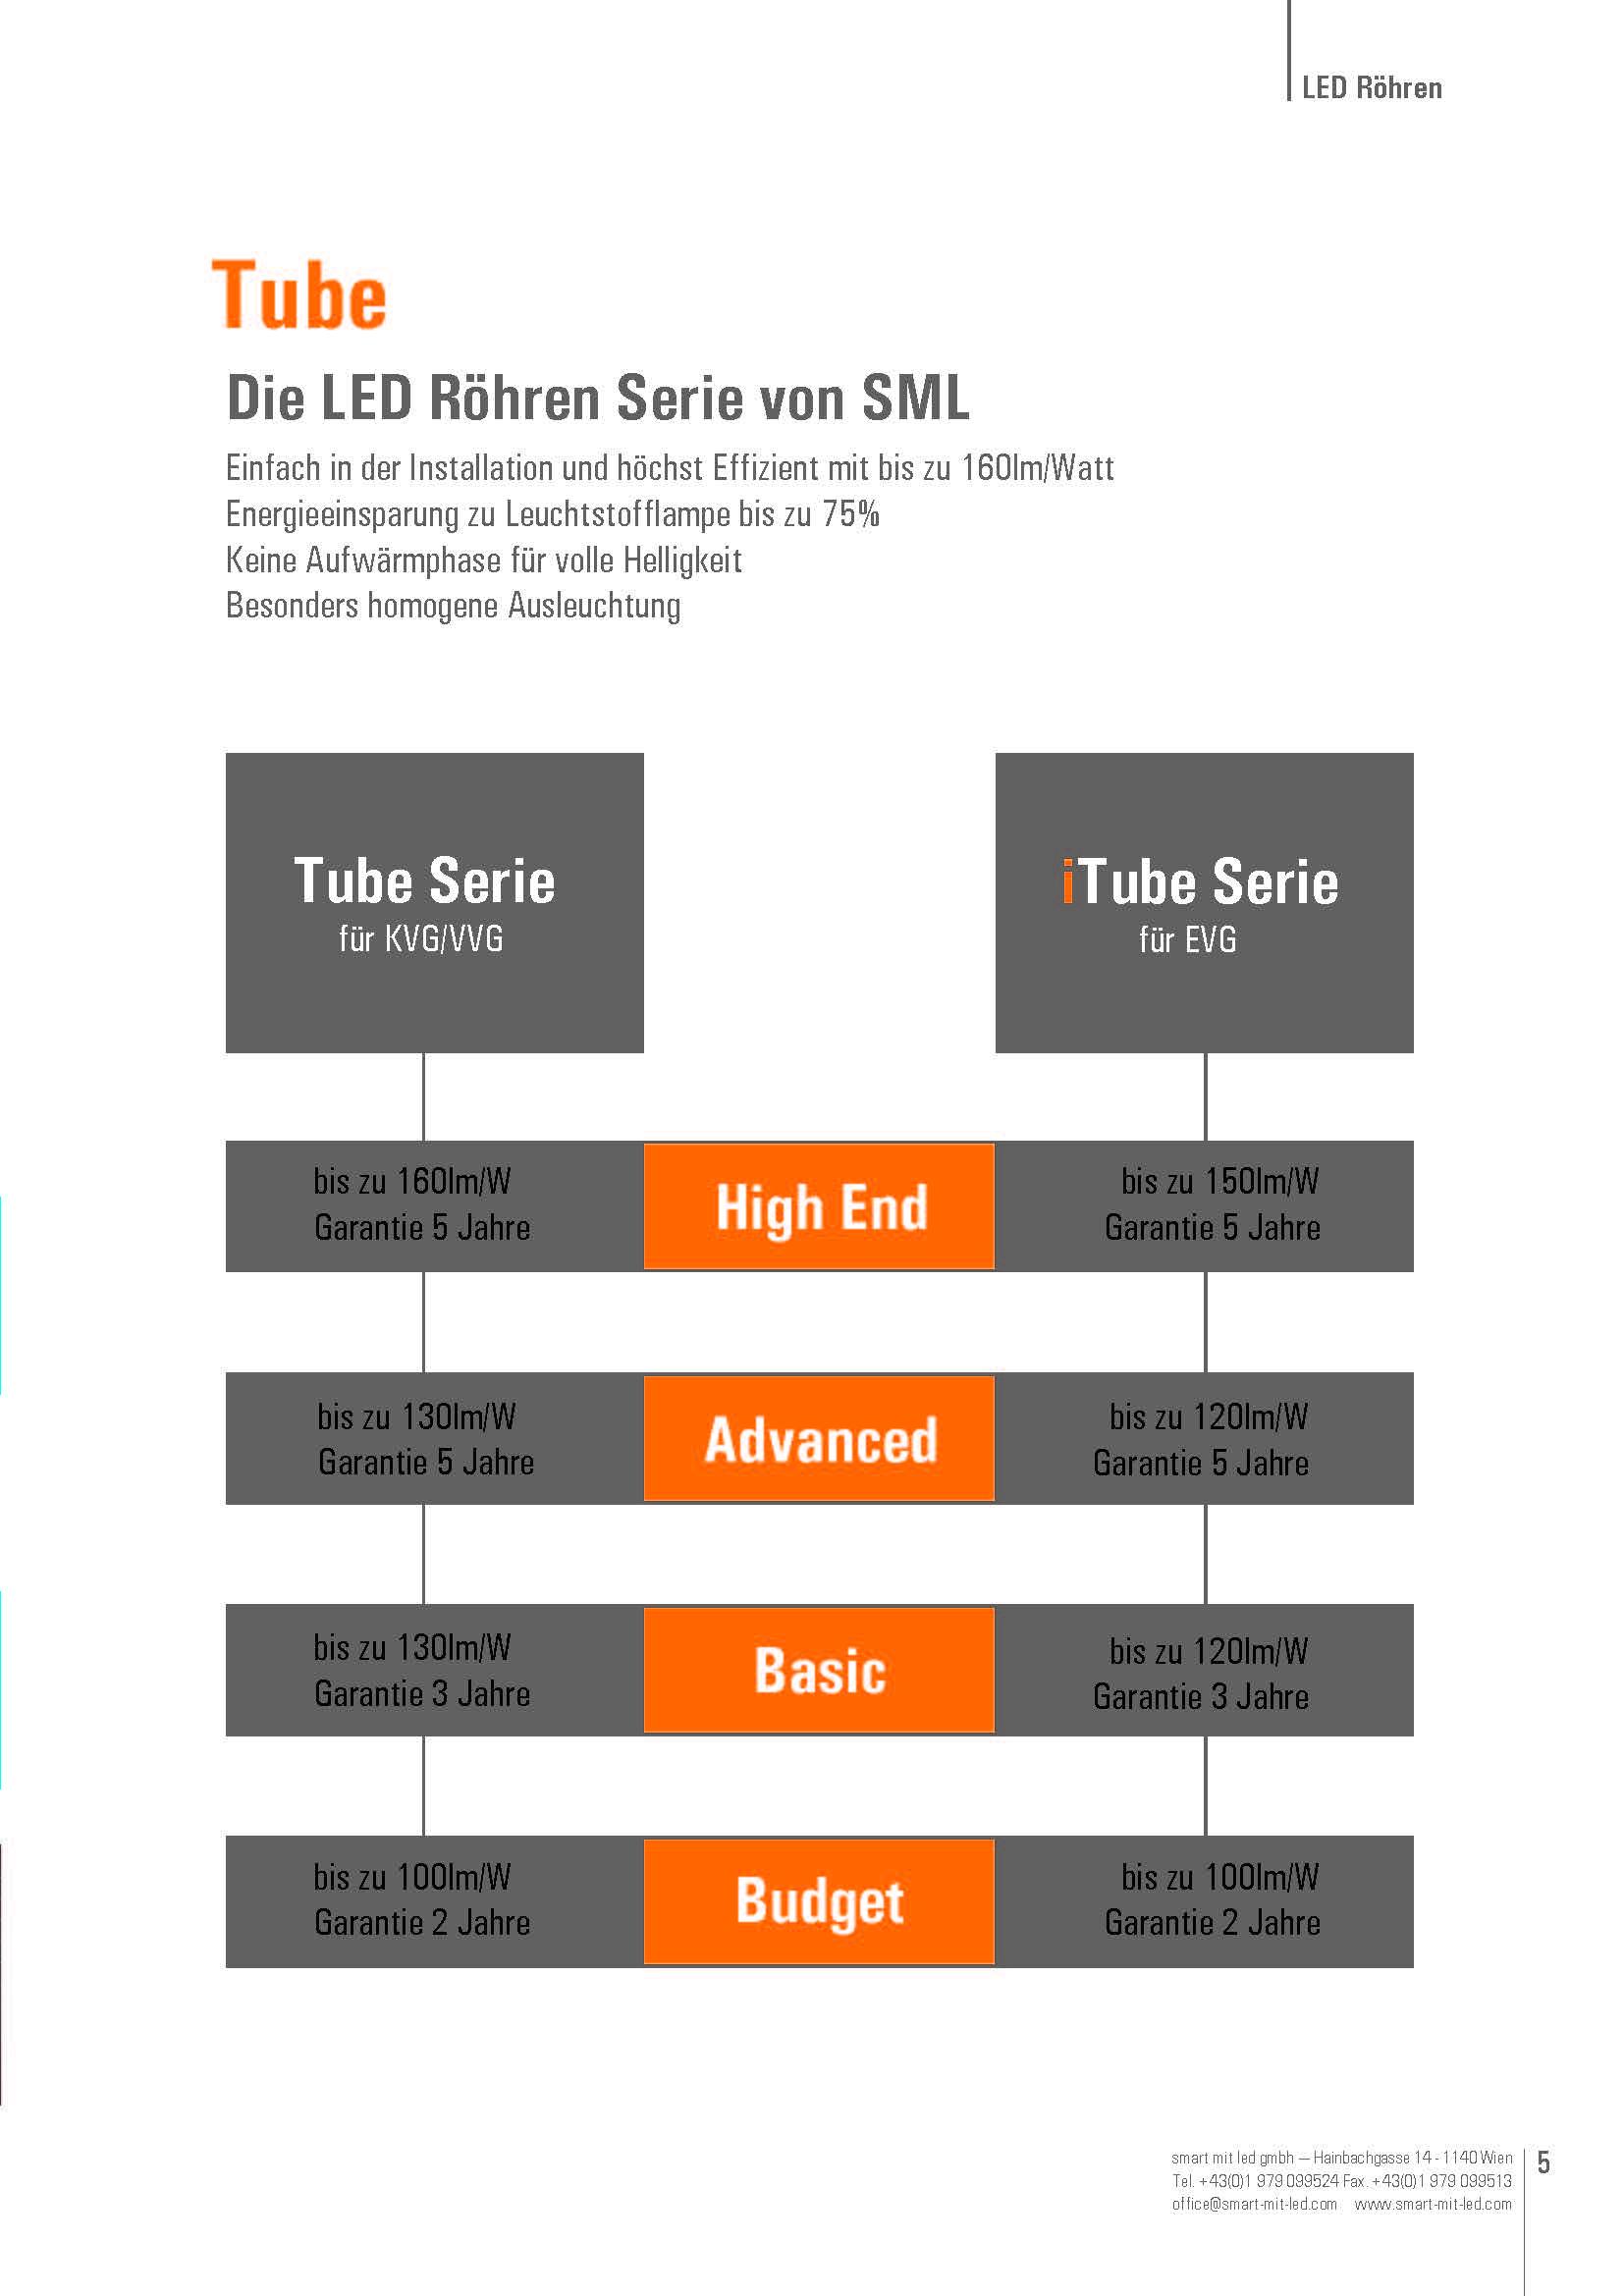 LED Röhren Übersicht von SML